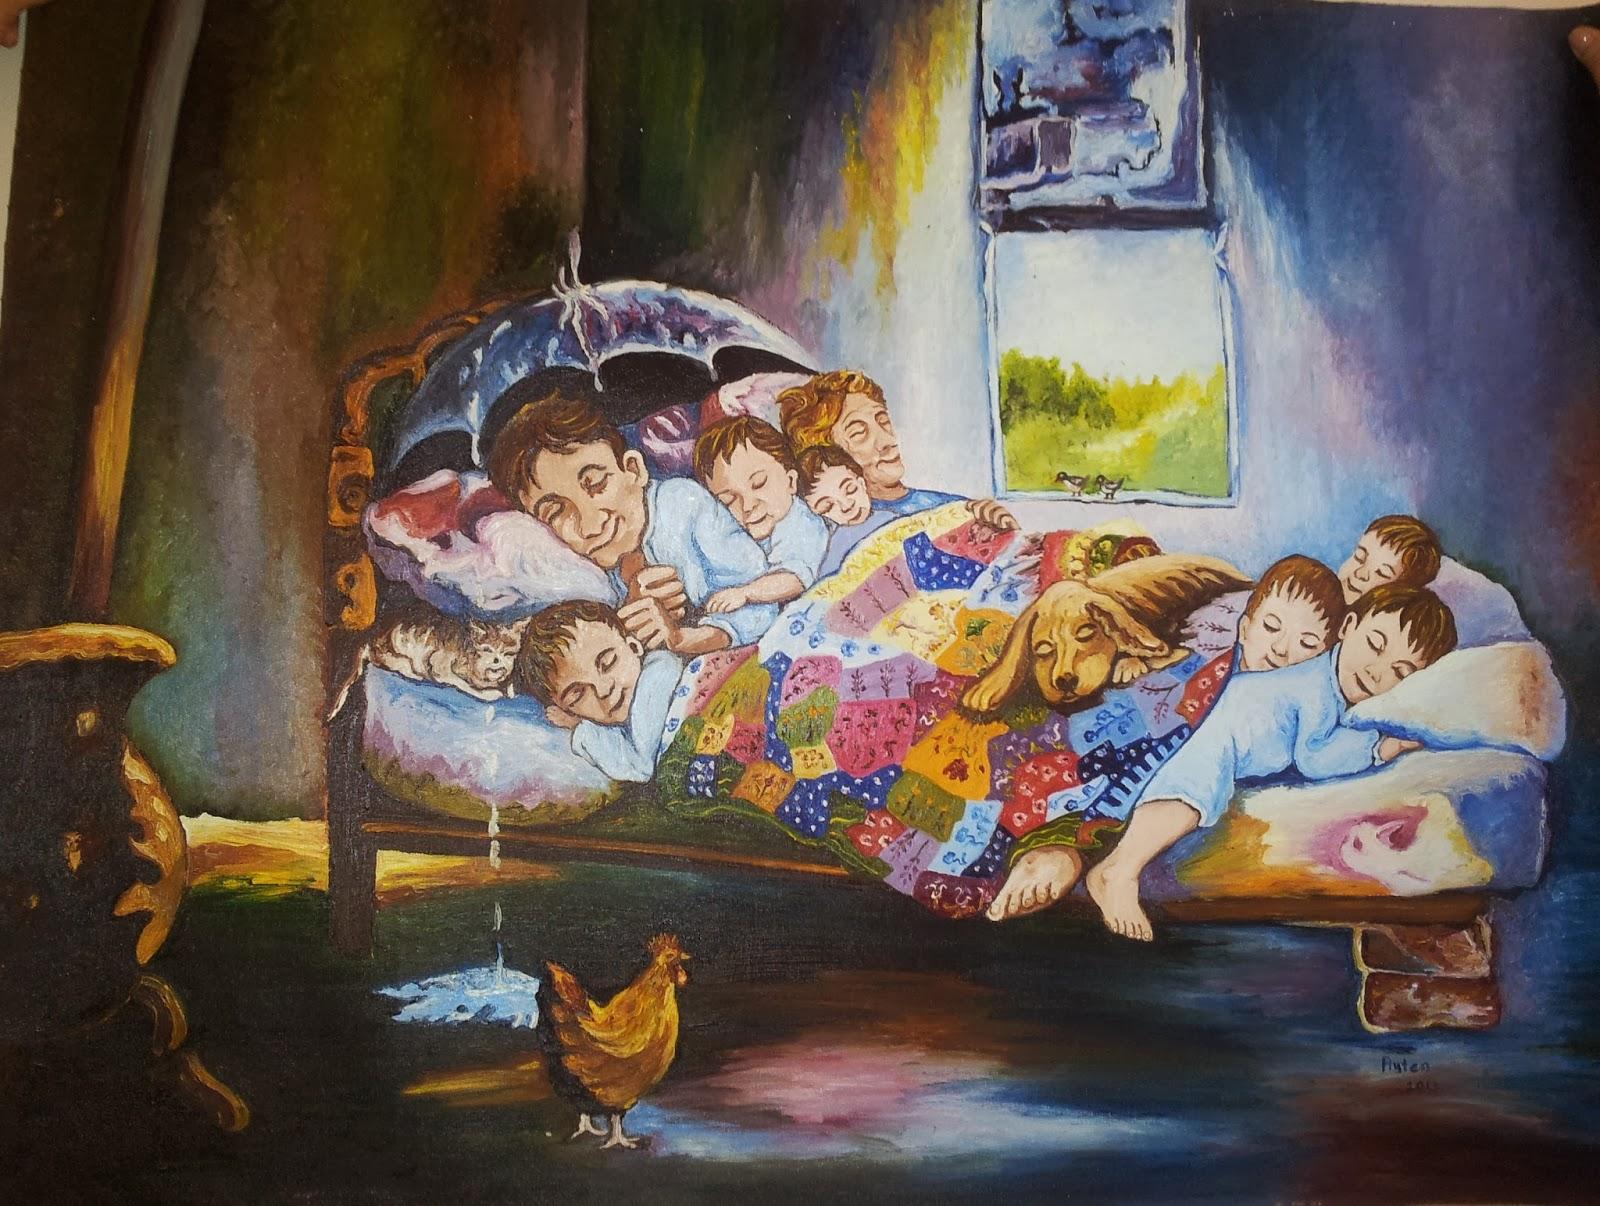 yağlı boya tablolar: mutluluğun resmi